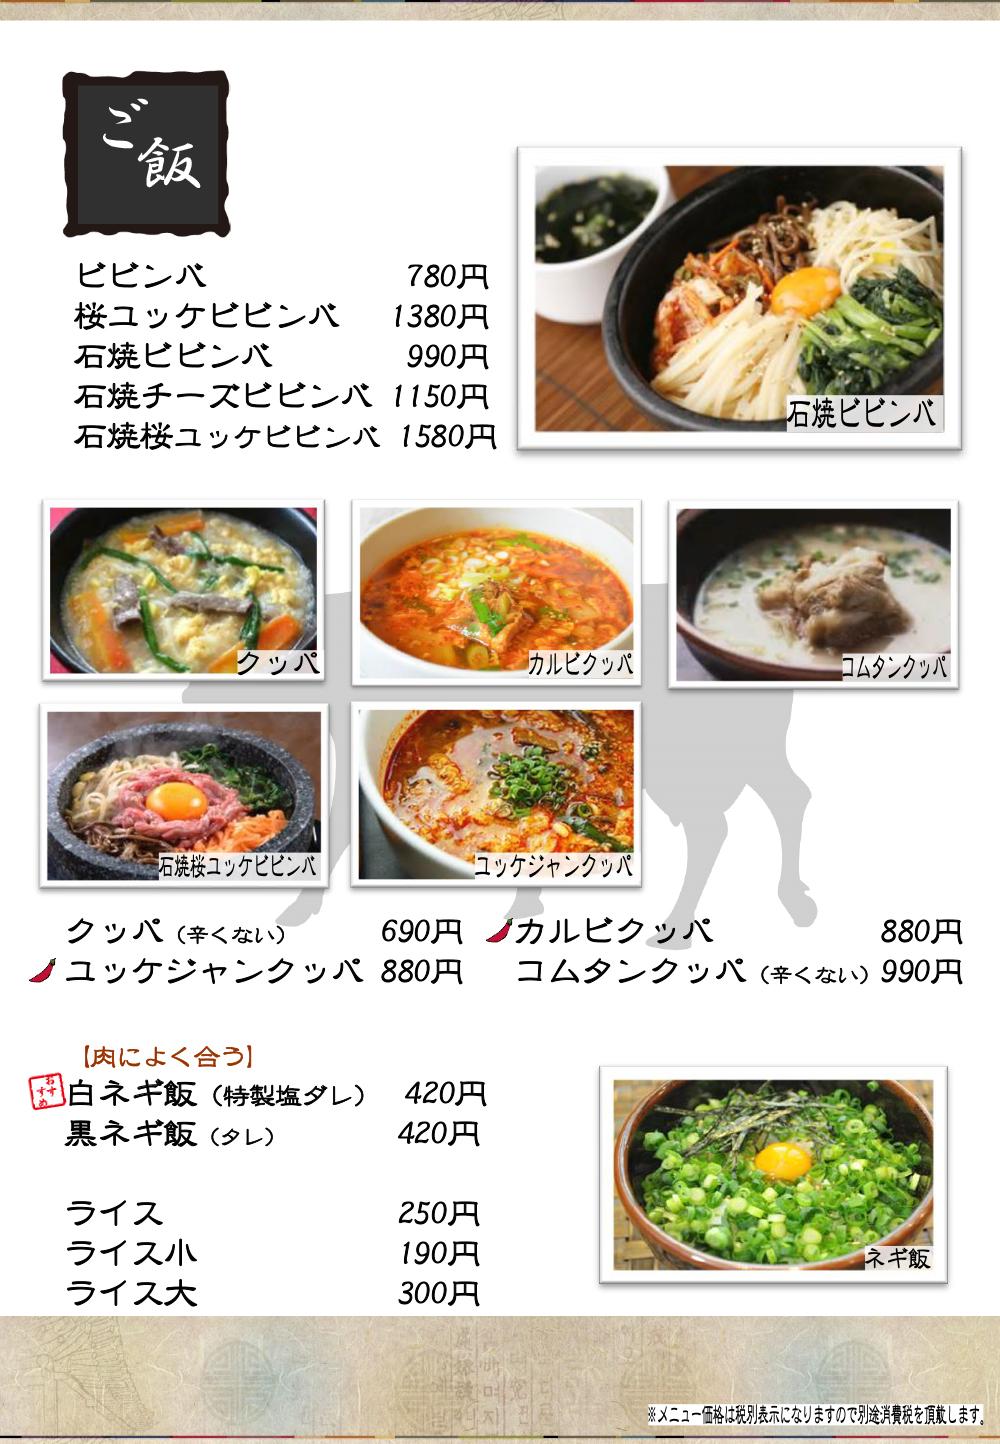 浦安店 ご飯・スープ等メニュー1